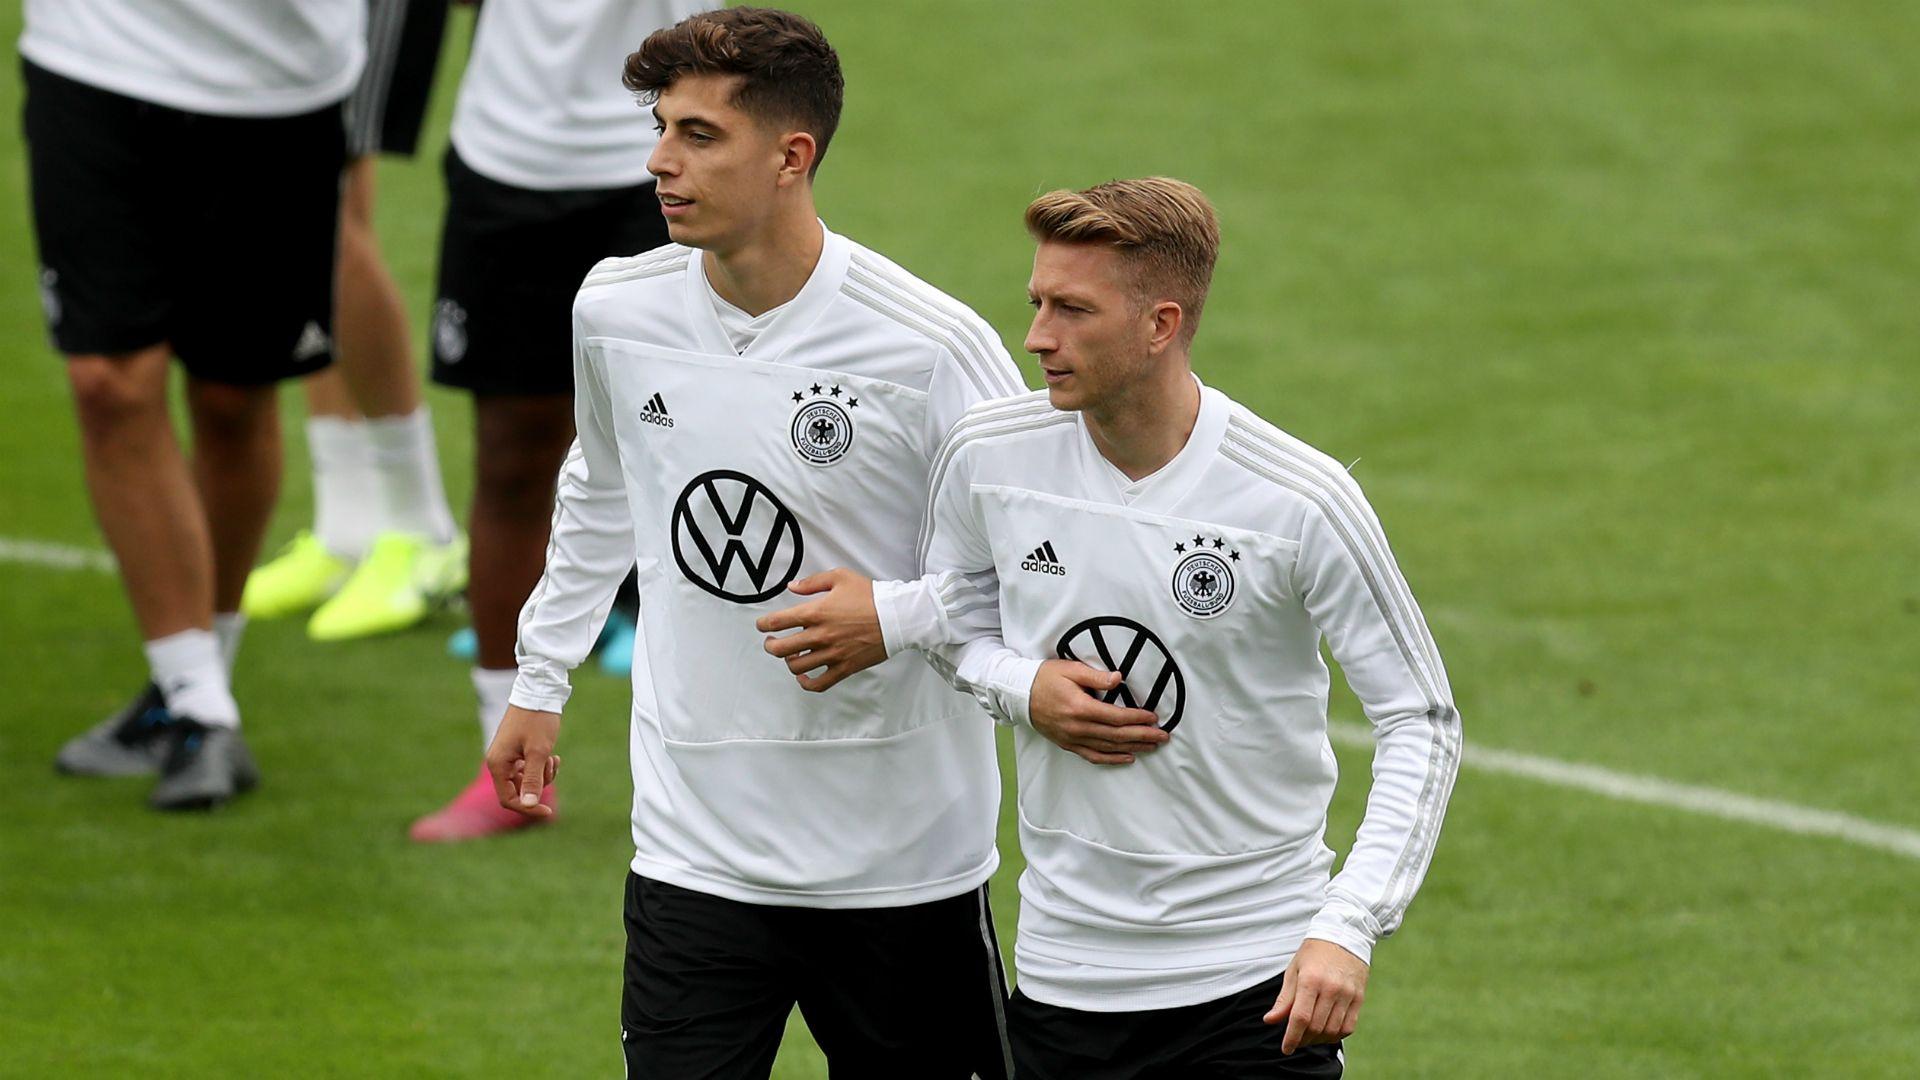 วิเคราะห์ฟุตบอล ฟุตบอล ยูฟ่า ยูโร 2020 รอบคัดเลือก   เยอรมัน vs ฮอลแลนด์ 06/09/19